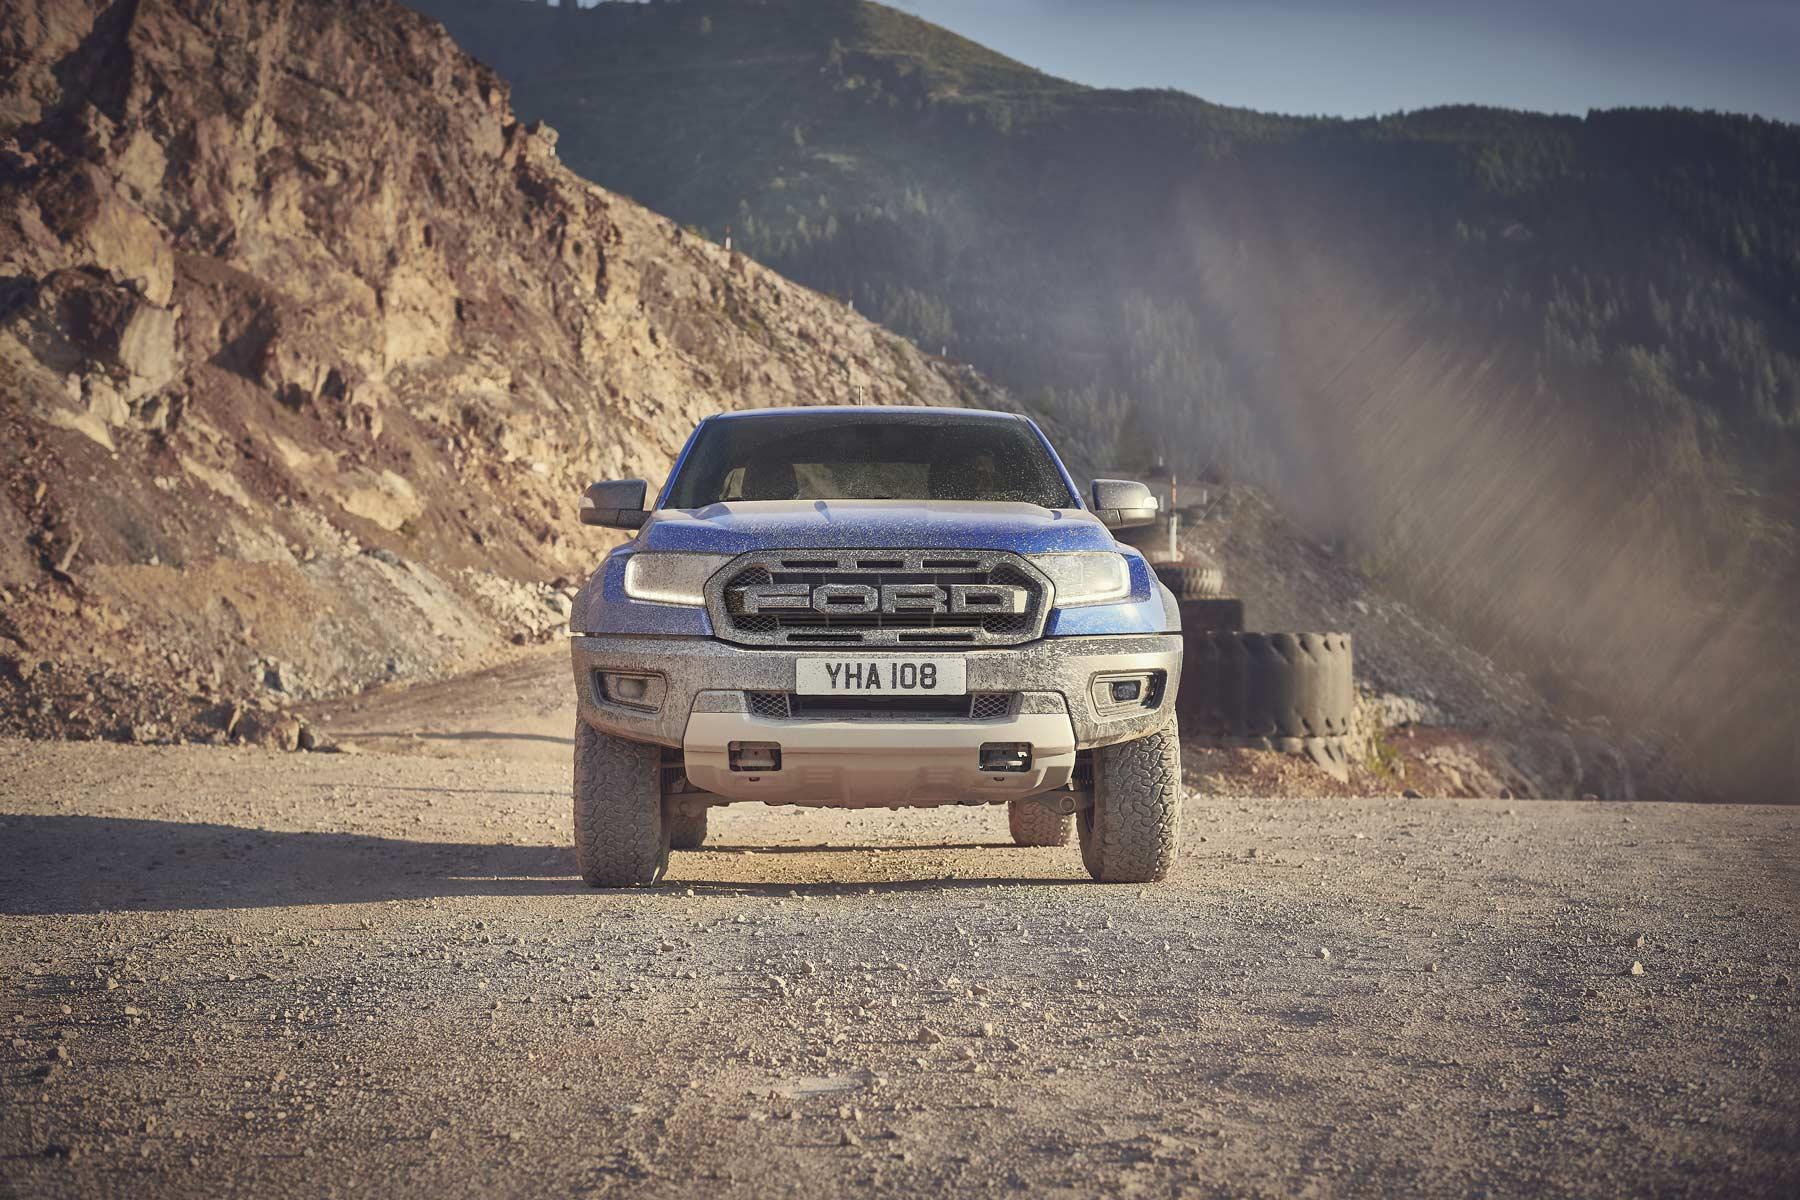 Ford Ranger Raptor 5_2018_ford_ranger_raptor_shot25_front_off-road_v4.2